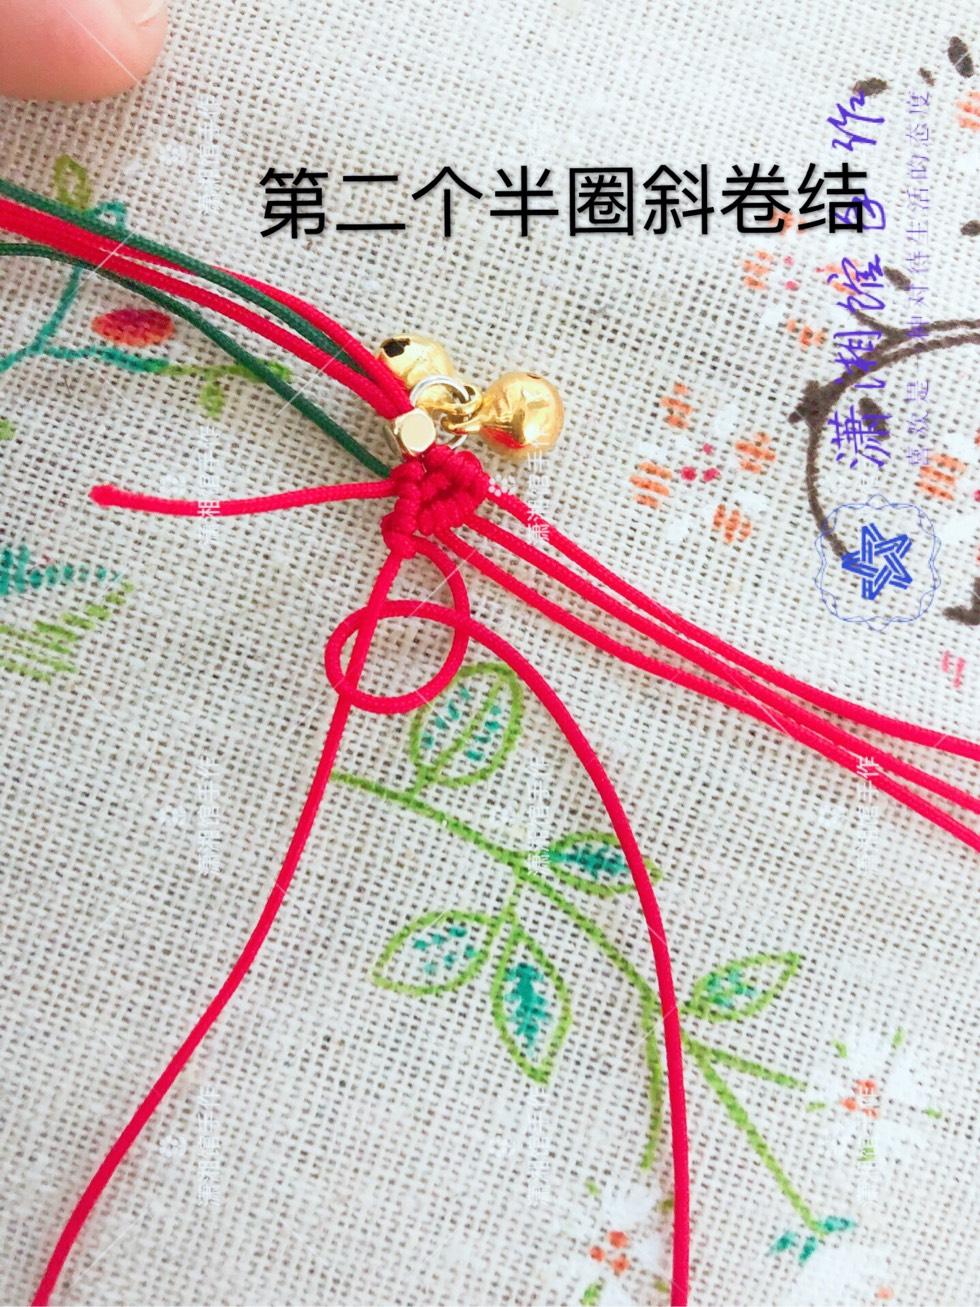 中国结论坛 圣诞节蝴蝶结手链  图文教程区 114845jb76obkz4uo664o6